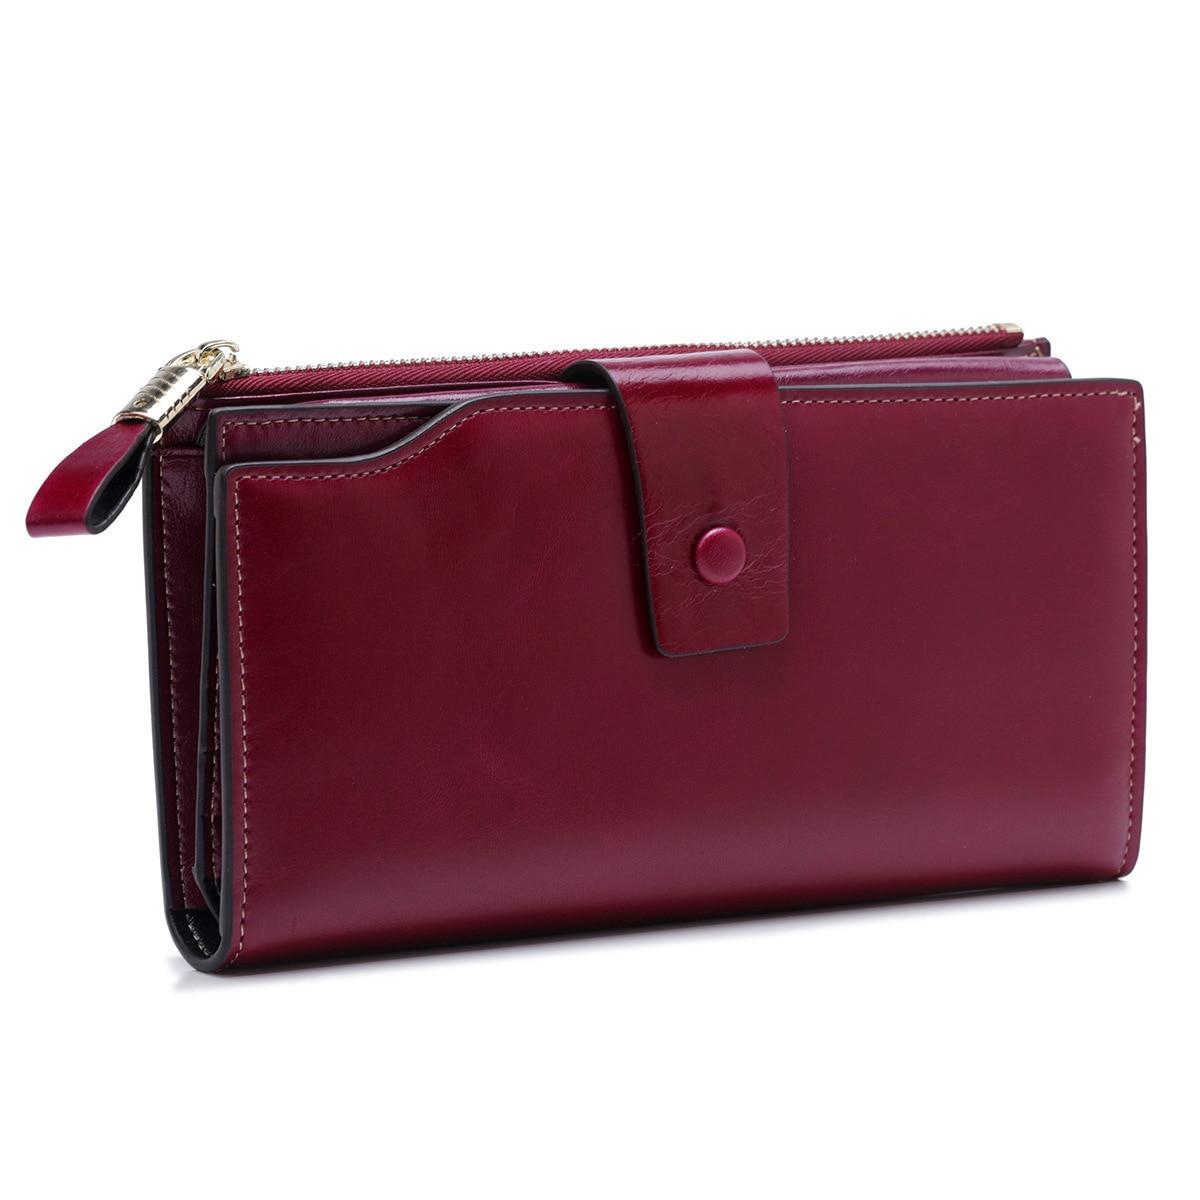 Модный женский кошелек из натуральной кожи, Женский карман для сотового телефона, длинные женские кошельки с застежкой, масло, воск, кожа, Женский кошелек для монет, держатель для карт - Цвет: purple